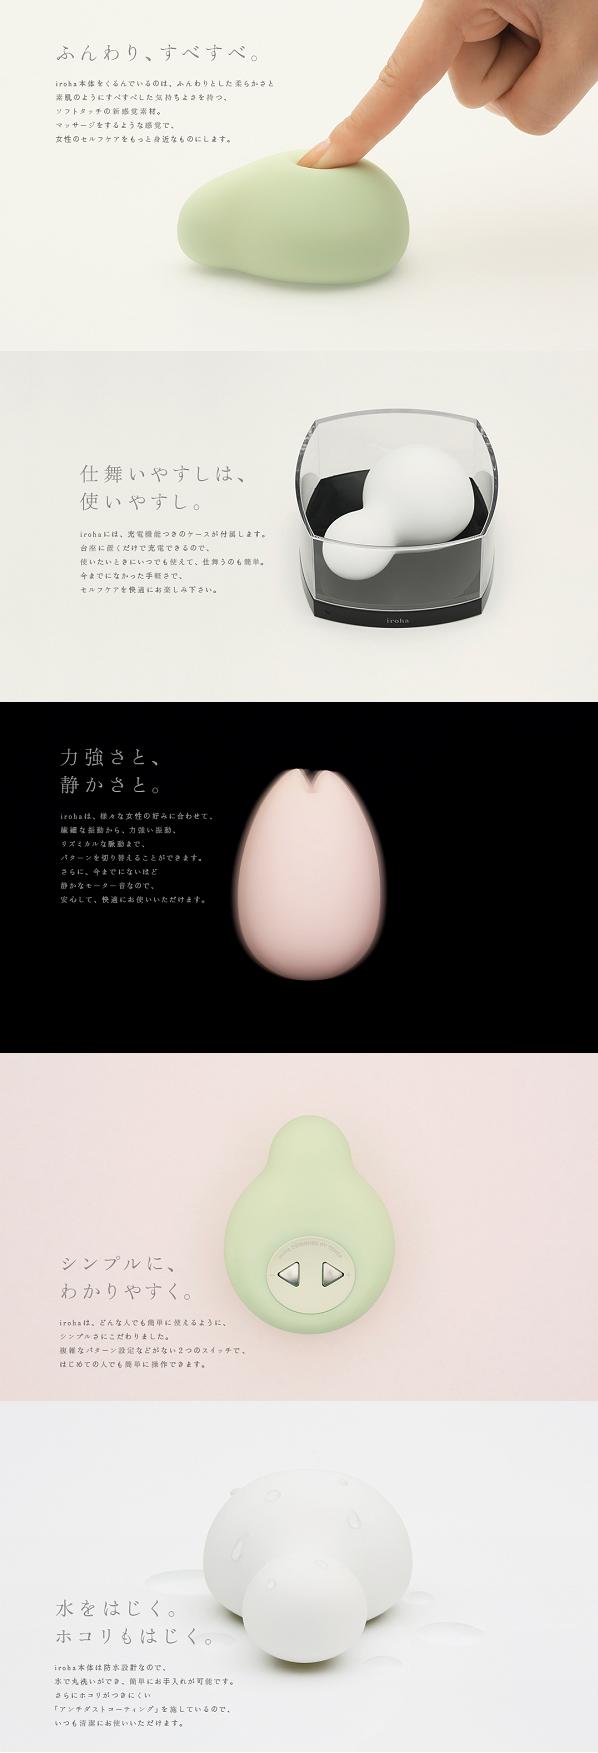 iroha プレジャー・アイテム YUKIDARUMA ゆきだるま 商品説明画像5